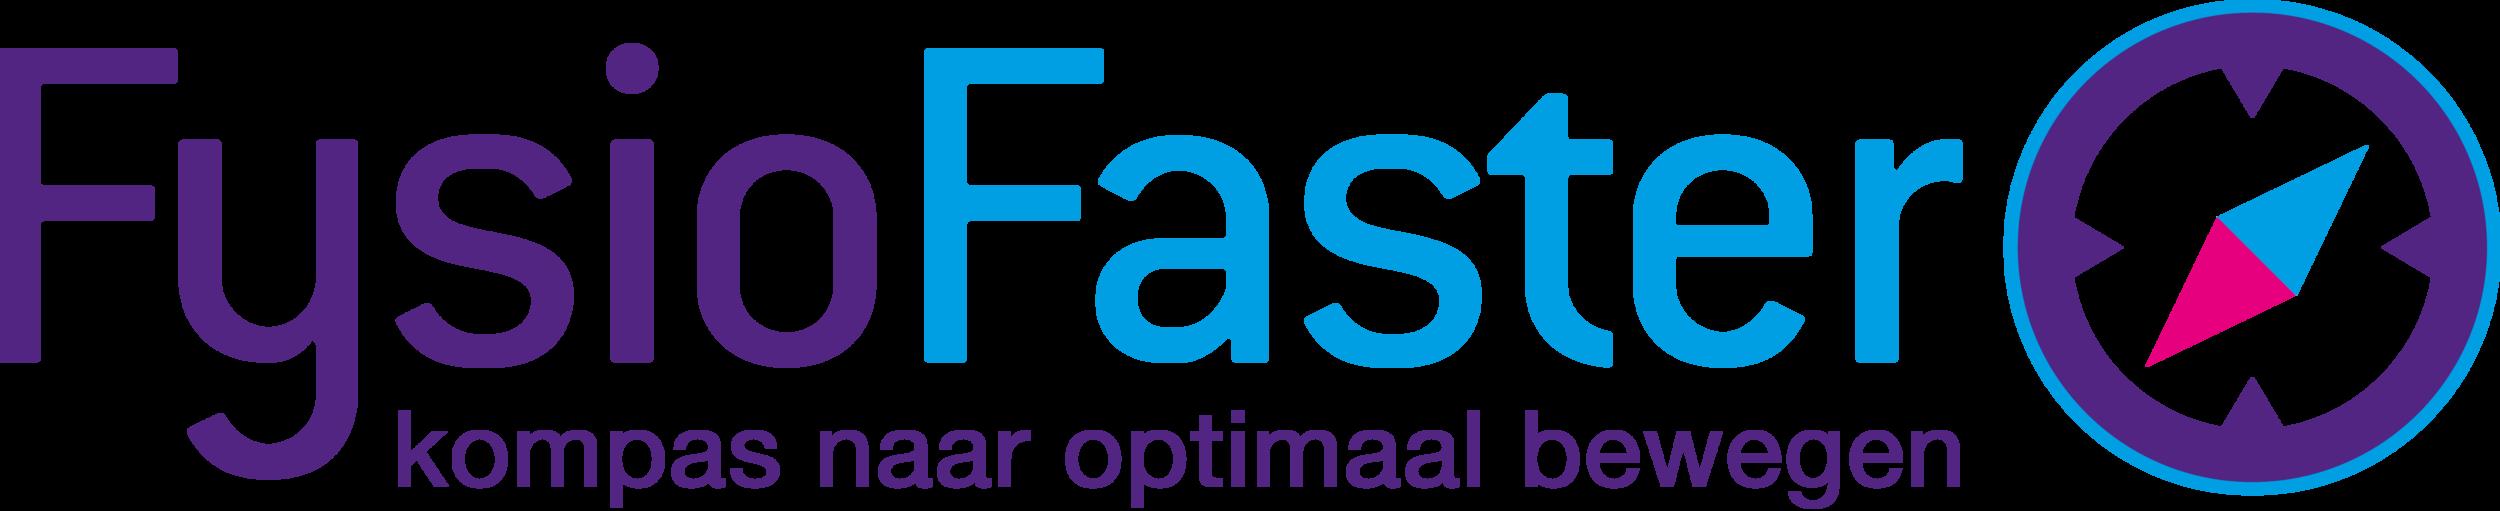 fysiofaster-logo-cmyk.png